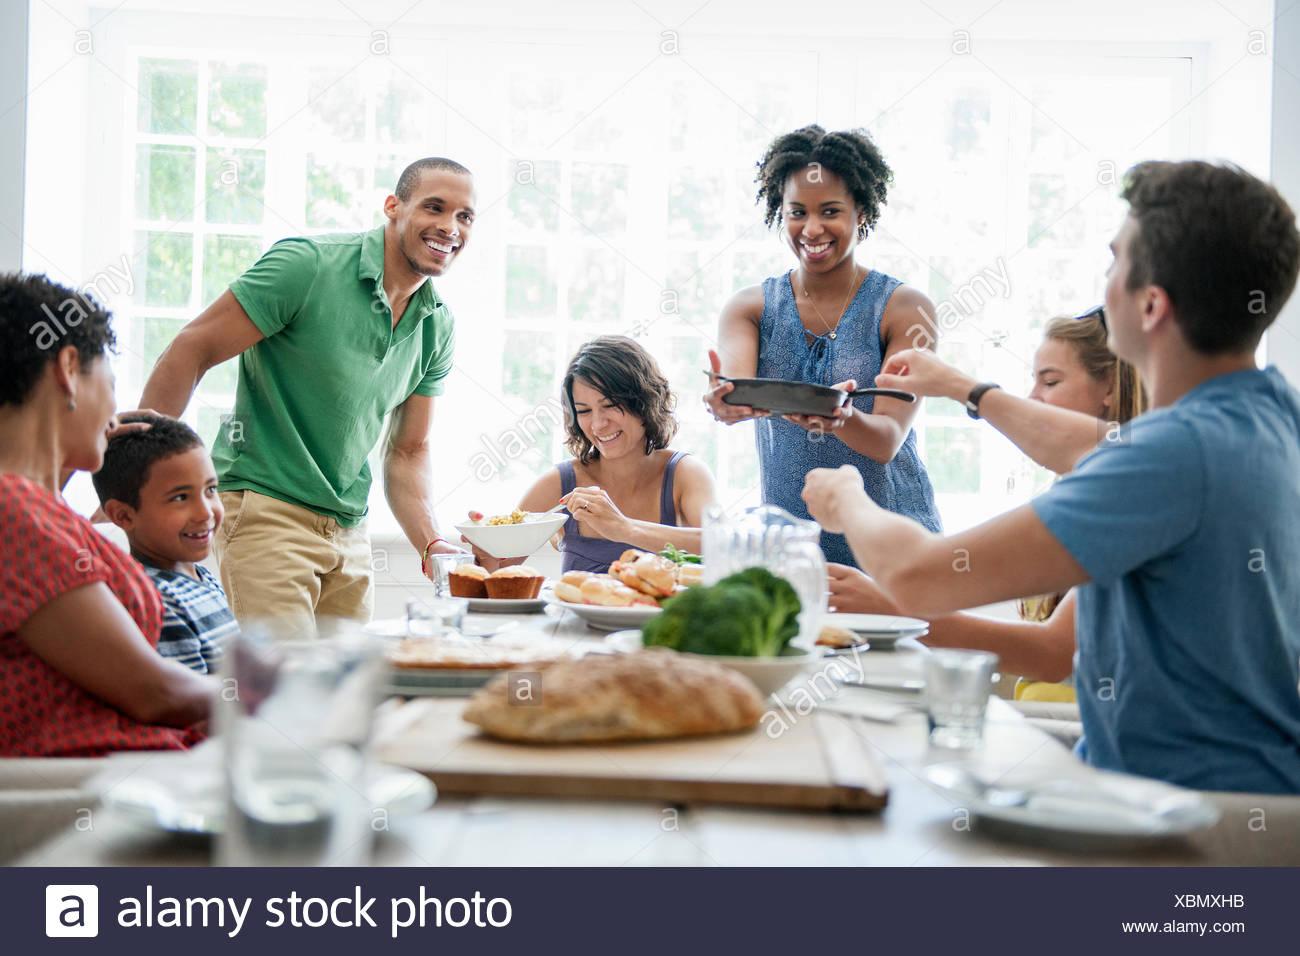 Una reunión familiar para una comida. Adultos y niños alrededor de una mesa. Imagen De Stock